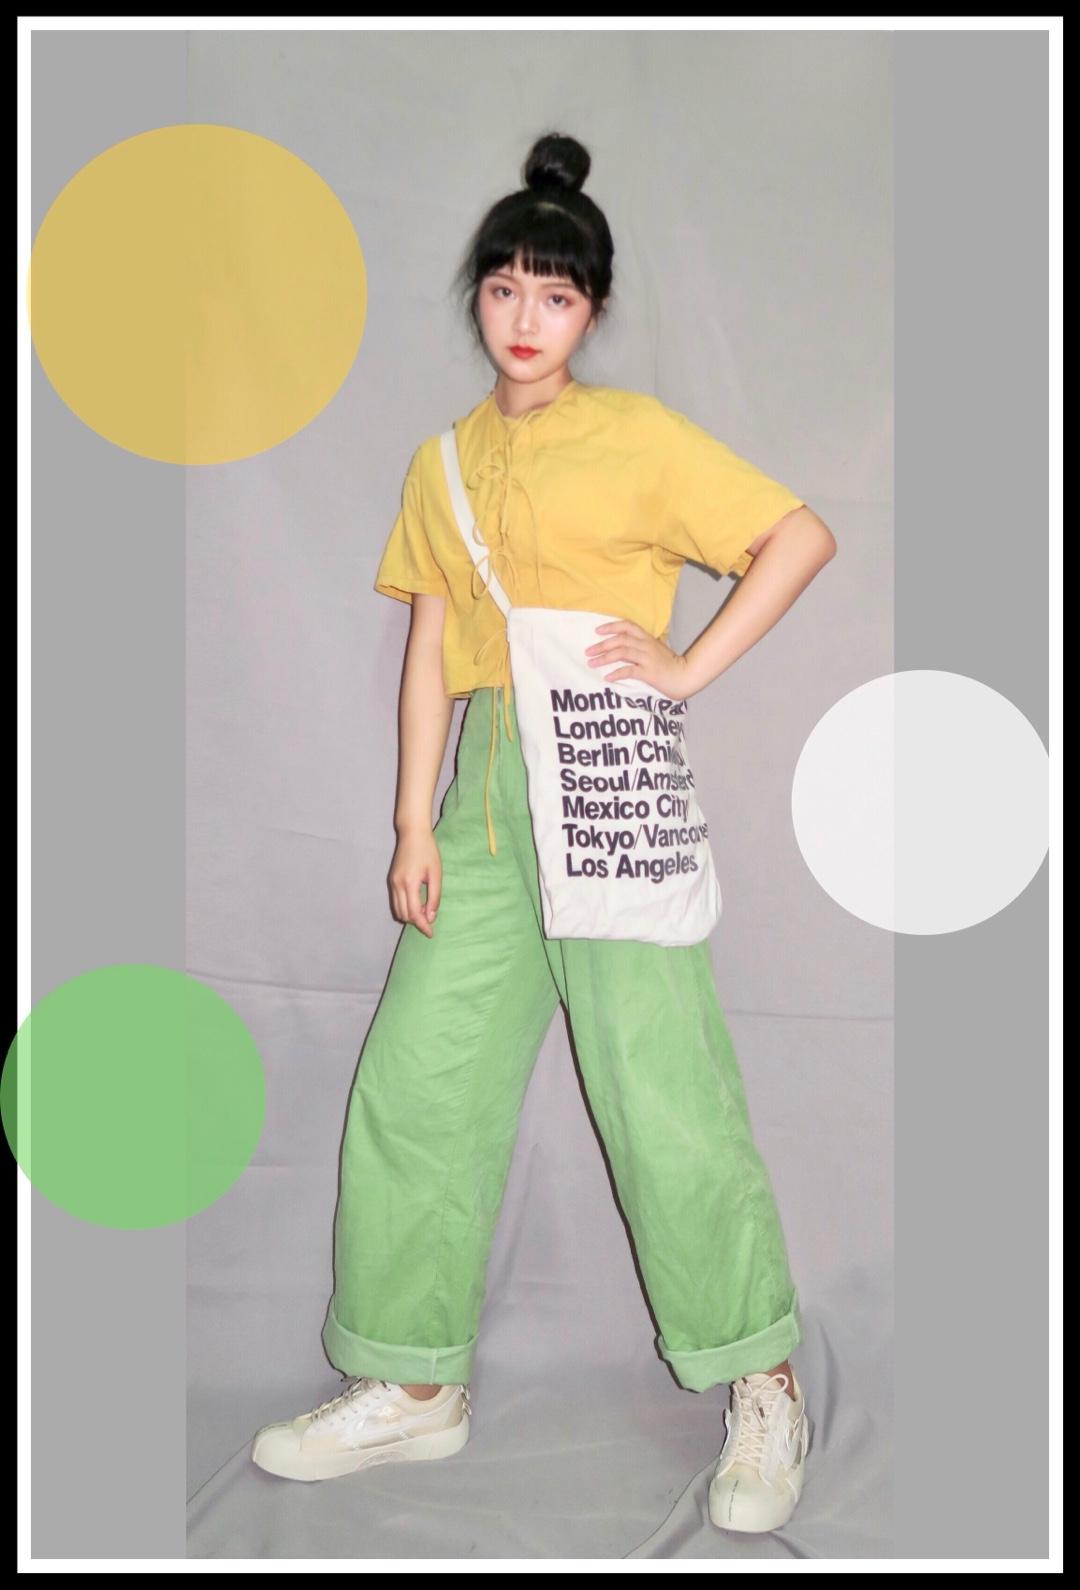 #穿成冰淇淋,清凉可口是你!# 🍋超级显白的柠檬黄衬衣 🍏果绿色的宽松长裤 这两个颜色搭在一起真的炒鸡清新 显白又显瘦 我太爱辽!!!